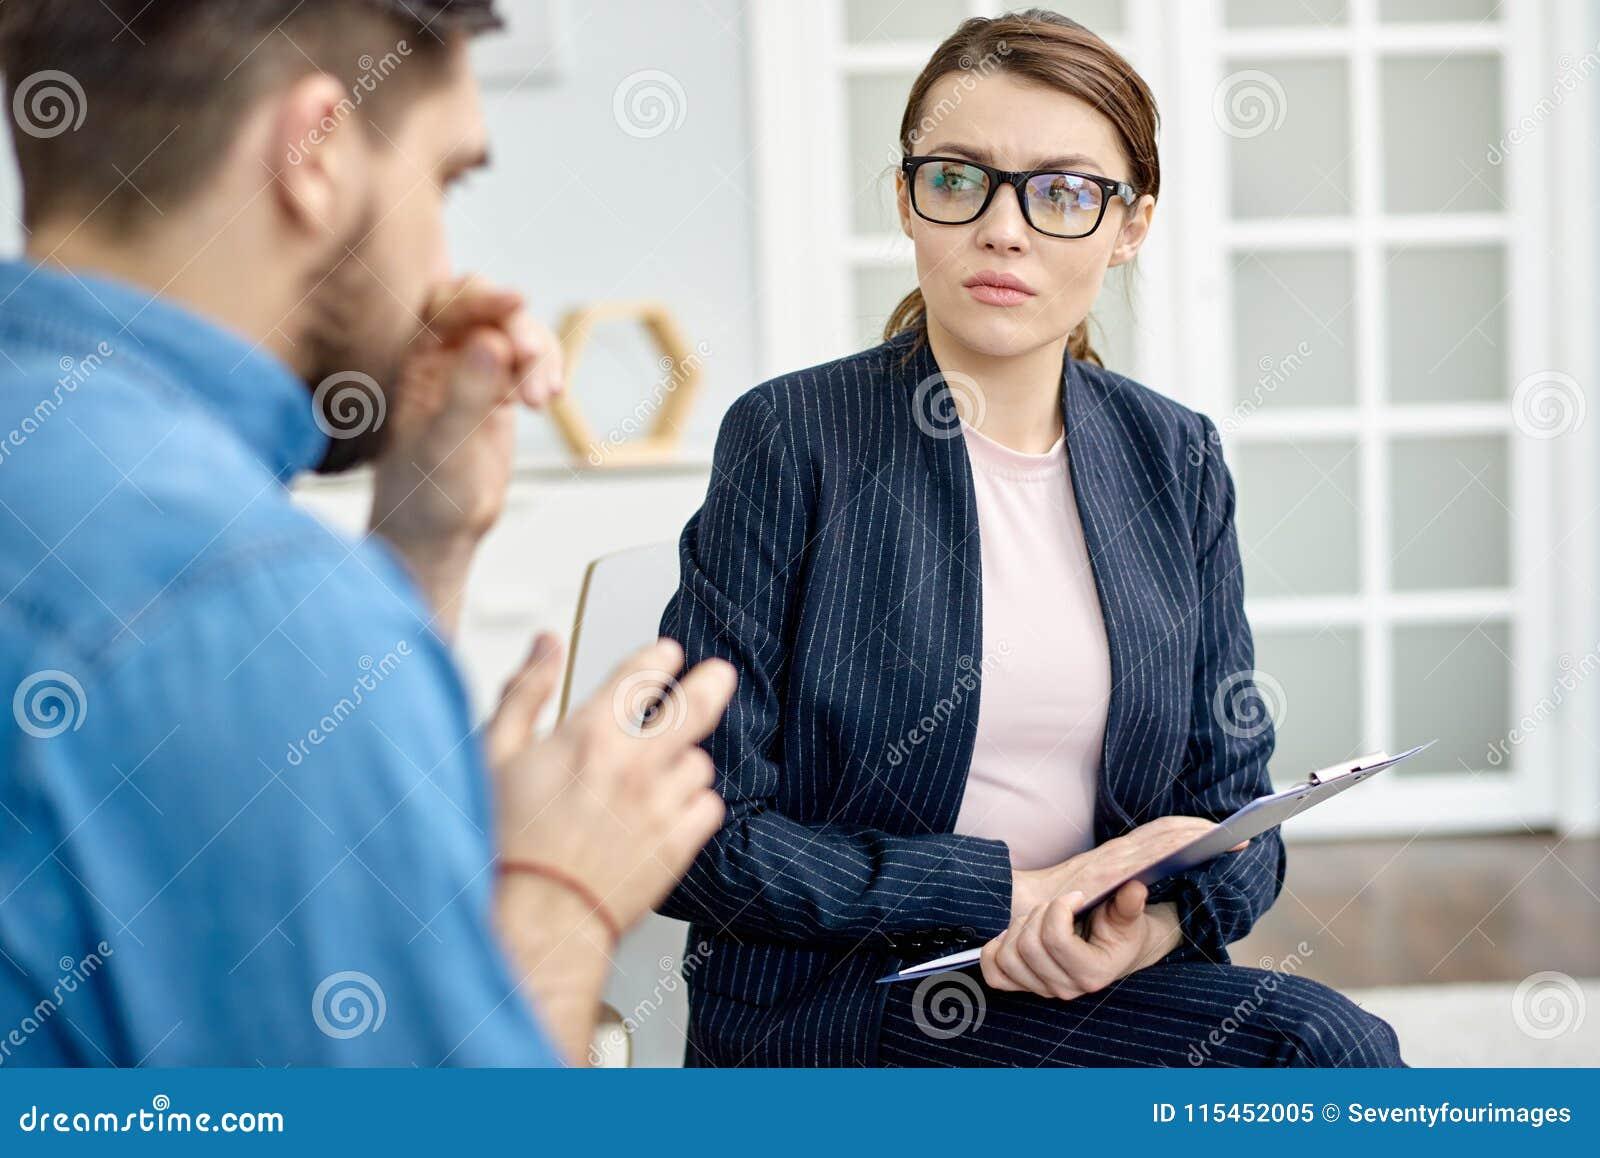 Discussão do problema com psicólogo talentoso